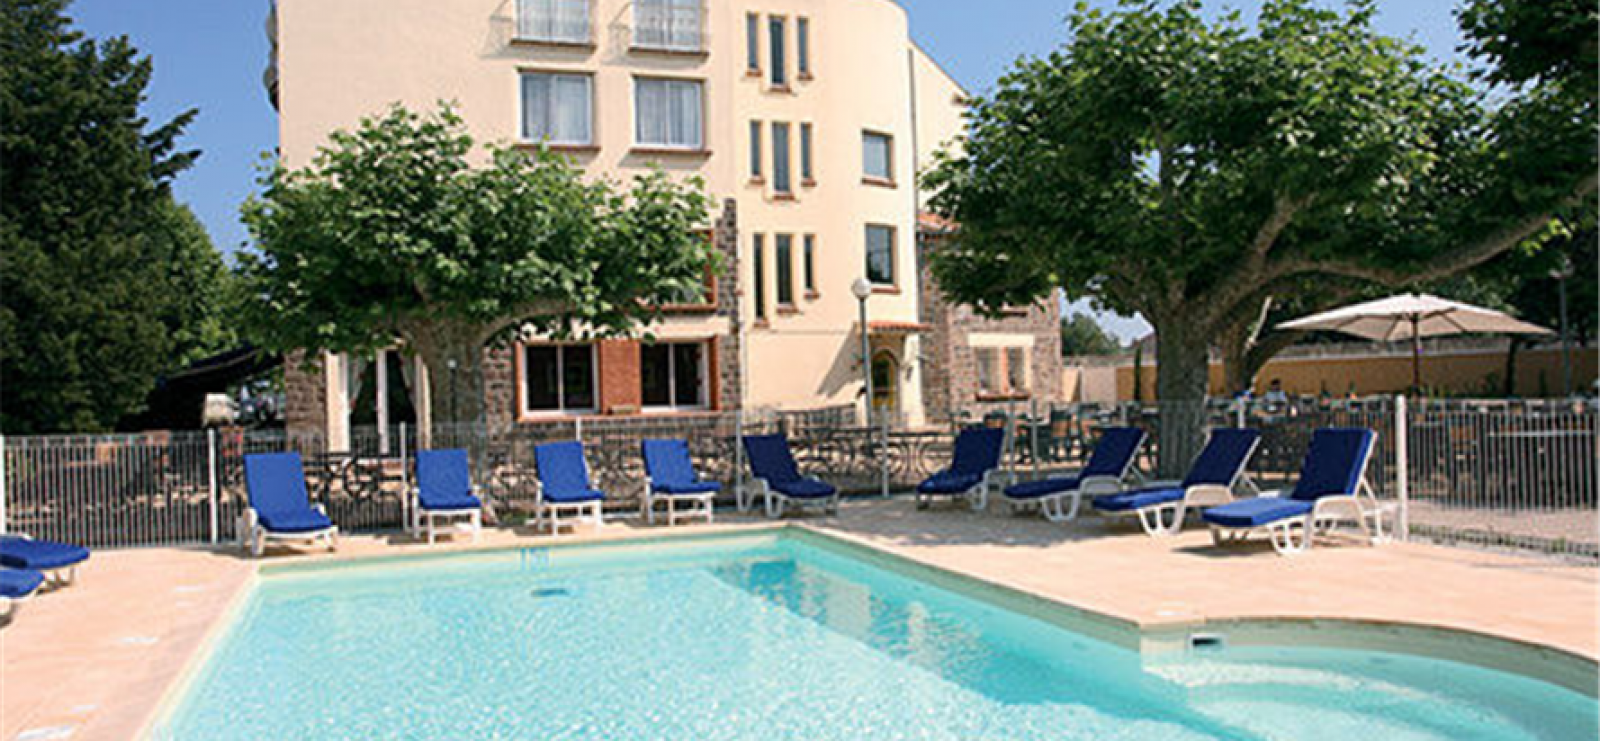 Village club vacanciel de Port fréjus